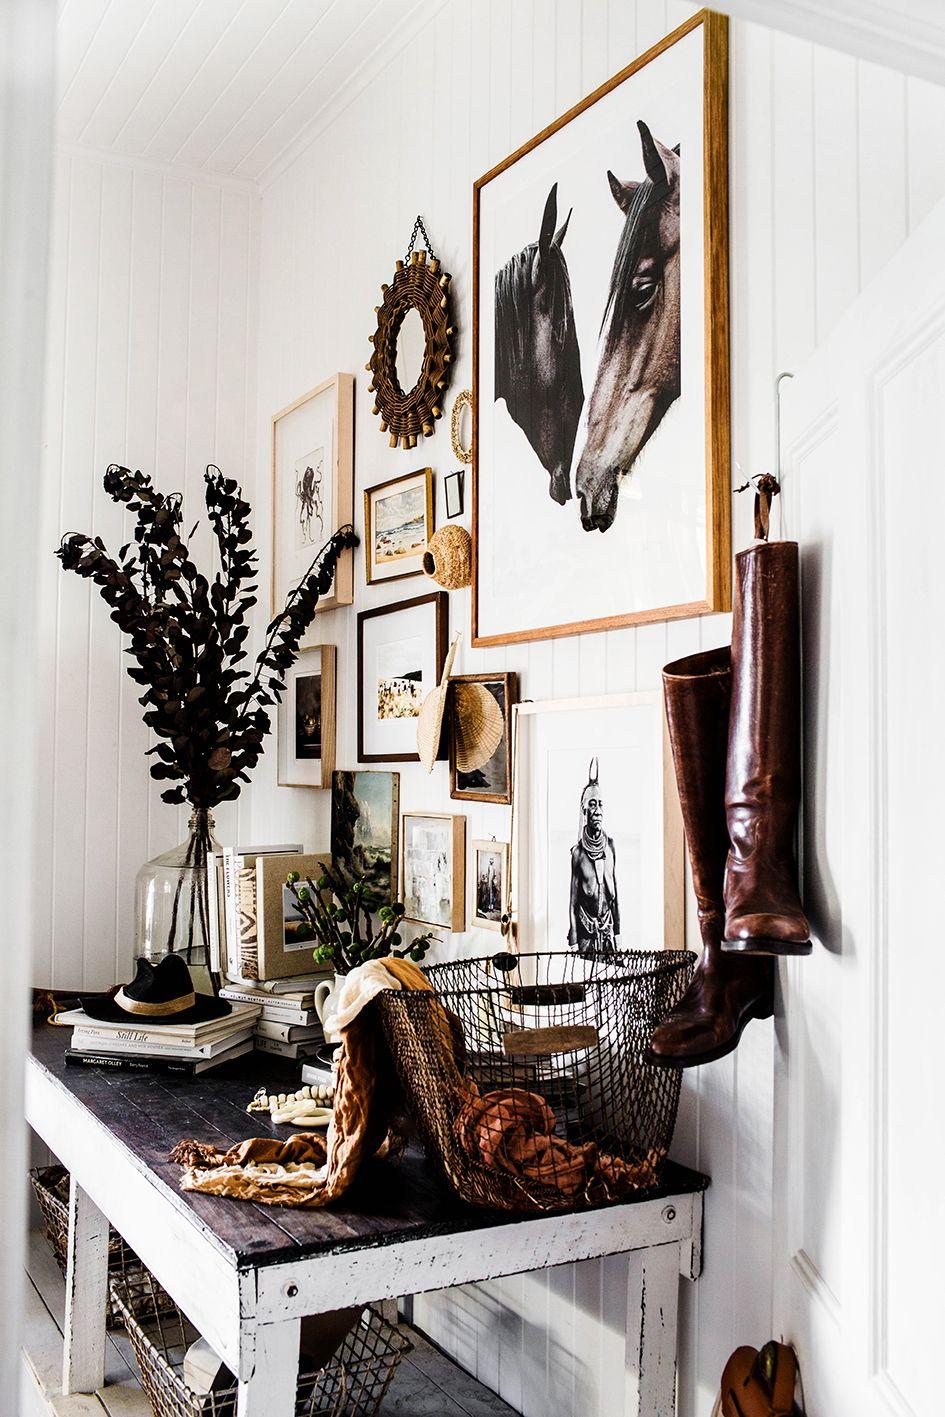 Wohnzimmerspiegel über couch weekend in pictures  styling  décor  vignettes  pinterest  deko